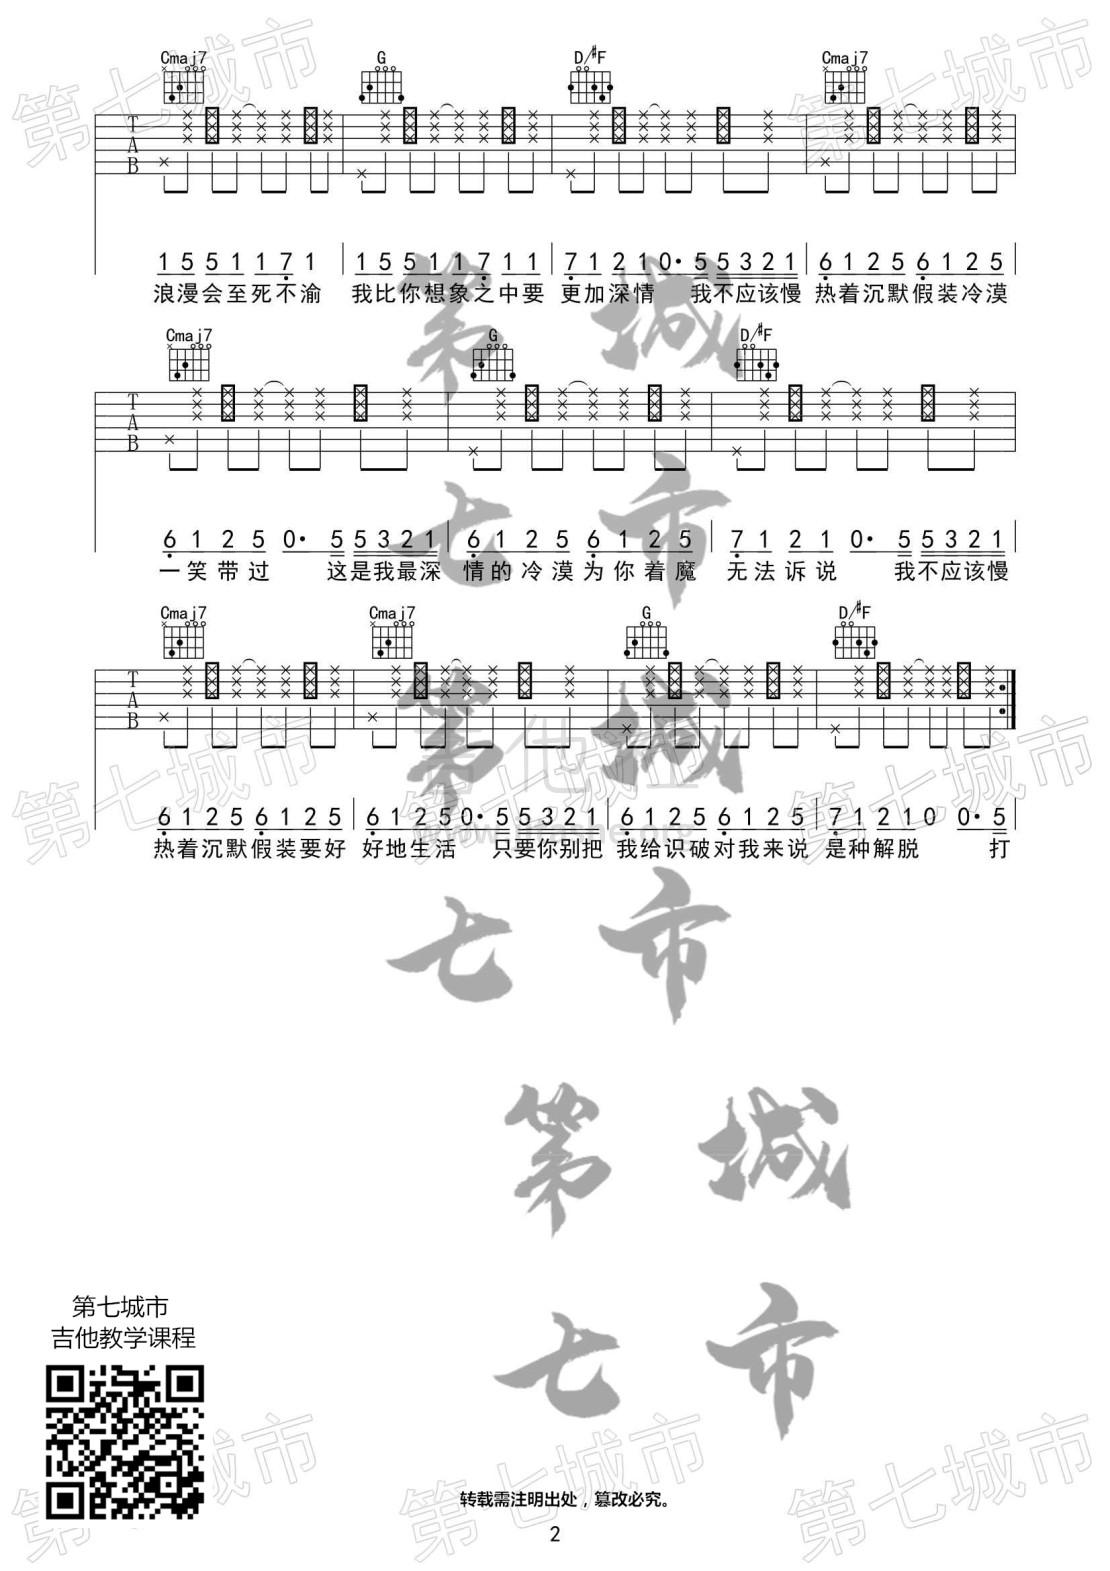 慢热吉他谱(图片谱,慢热,吉他谱,满舒克)_B.K.Jimmy(满舒克)_慢热水印2.jpg